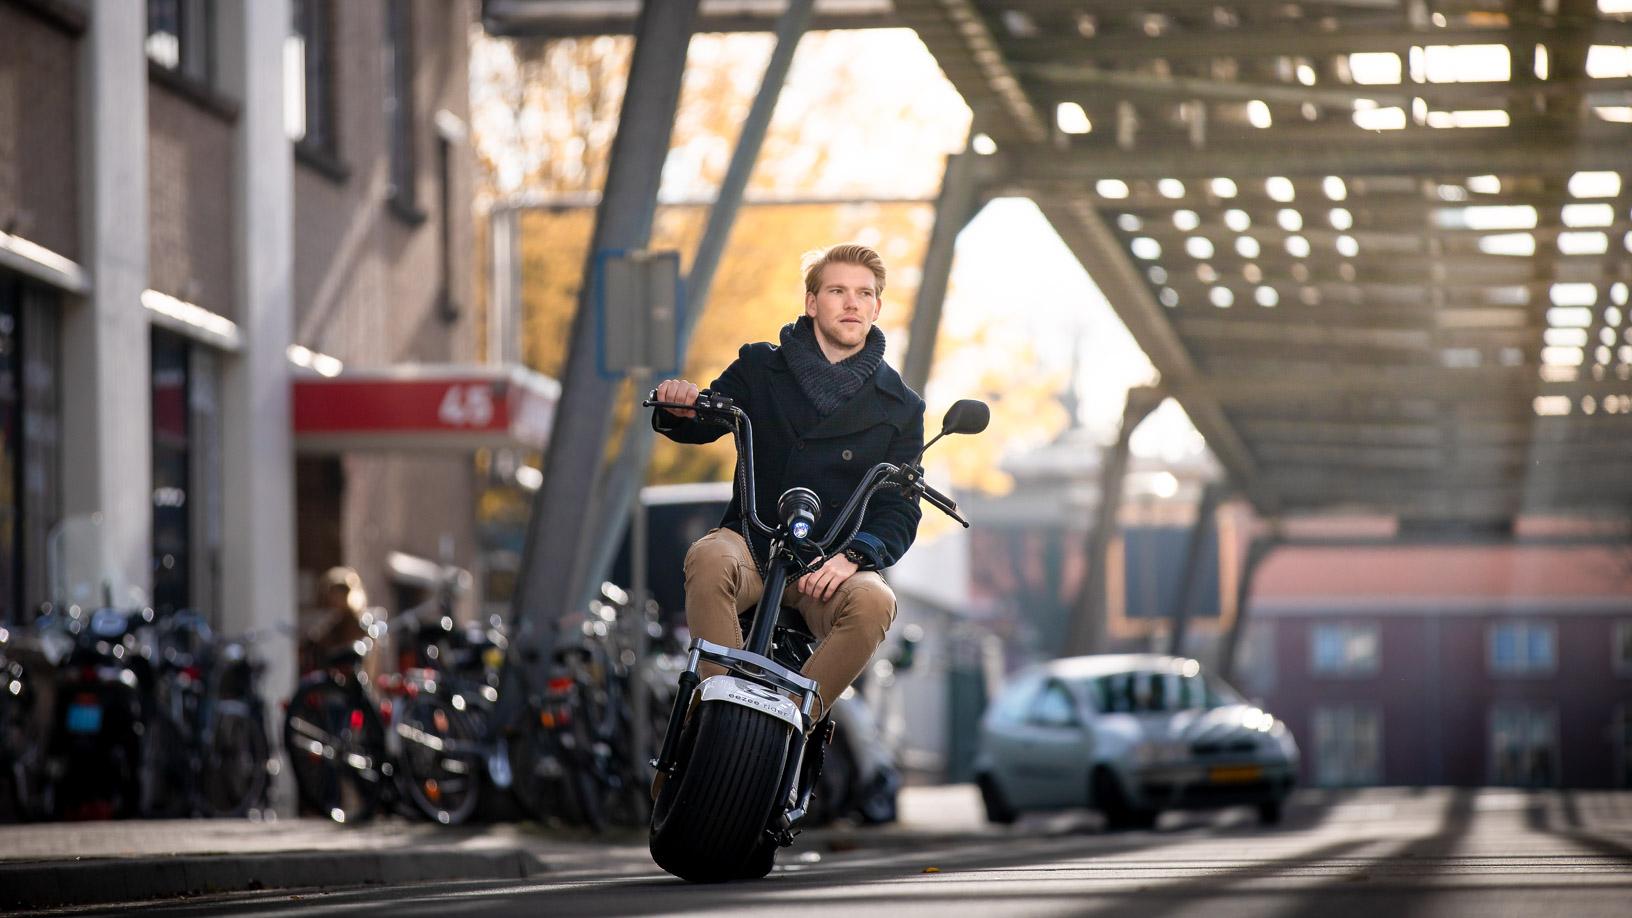 Portfolio-Marketing-Lynx-Ektor-Tsolodimos-Bedrijfsfotografie-Eindhoven-51